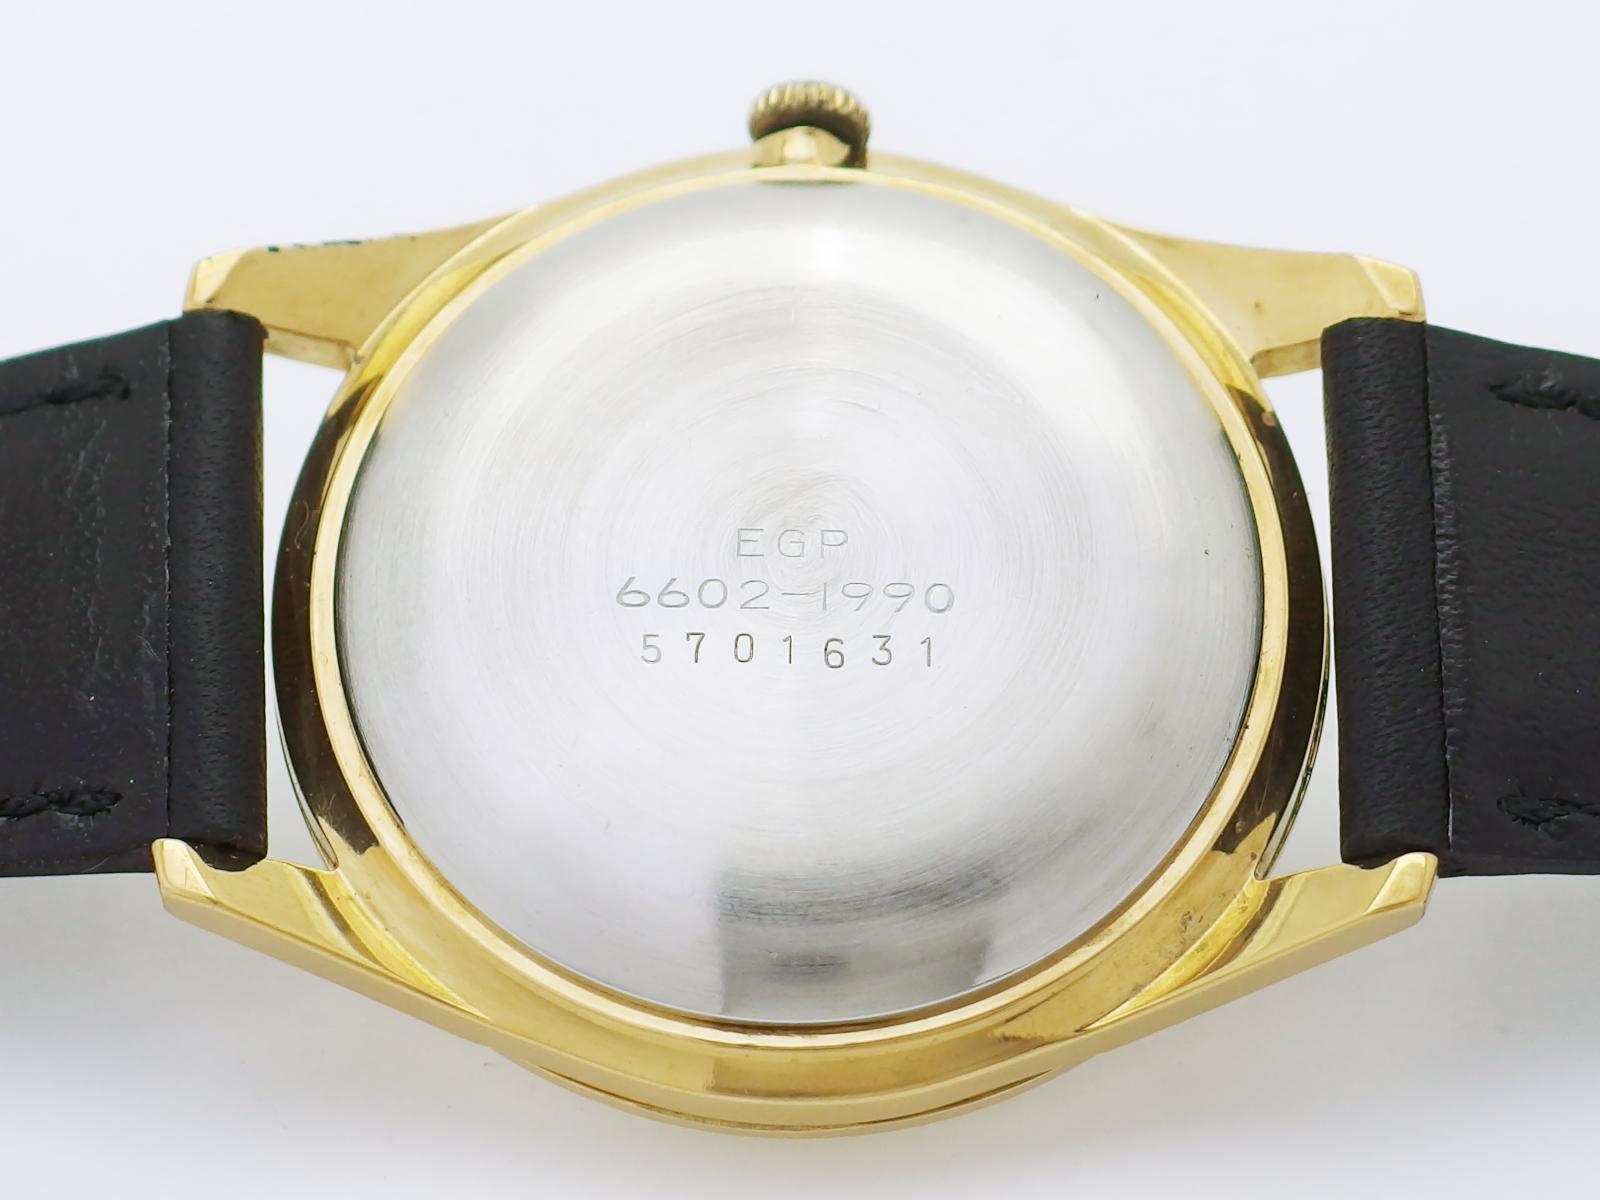 セイコー スポーツマン17 6602-1990 金メッキ Cal.6602B 17石 手巻 OH済 昭和40年/1965年製 Seiko